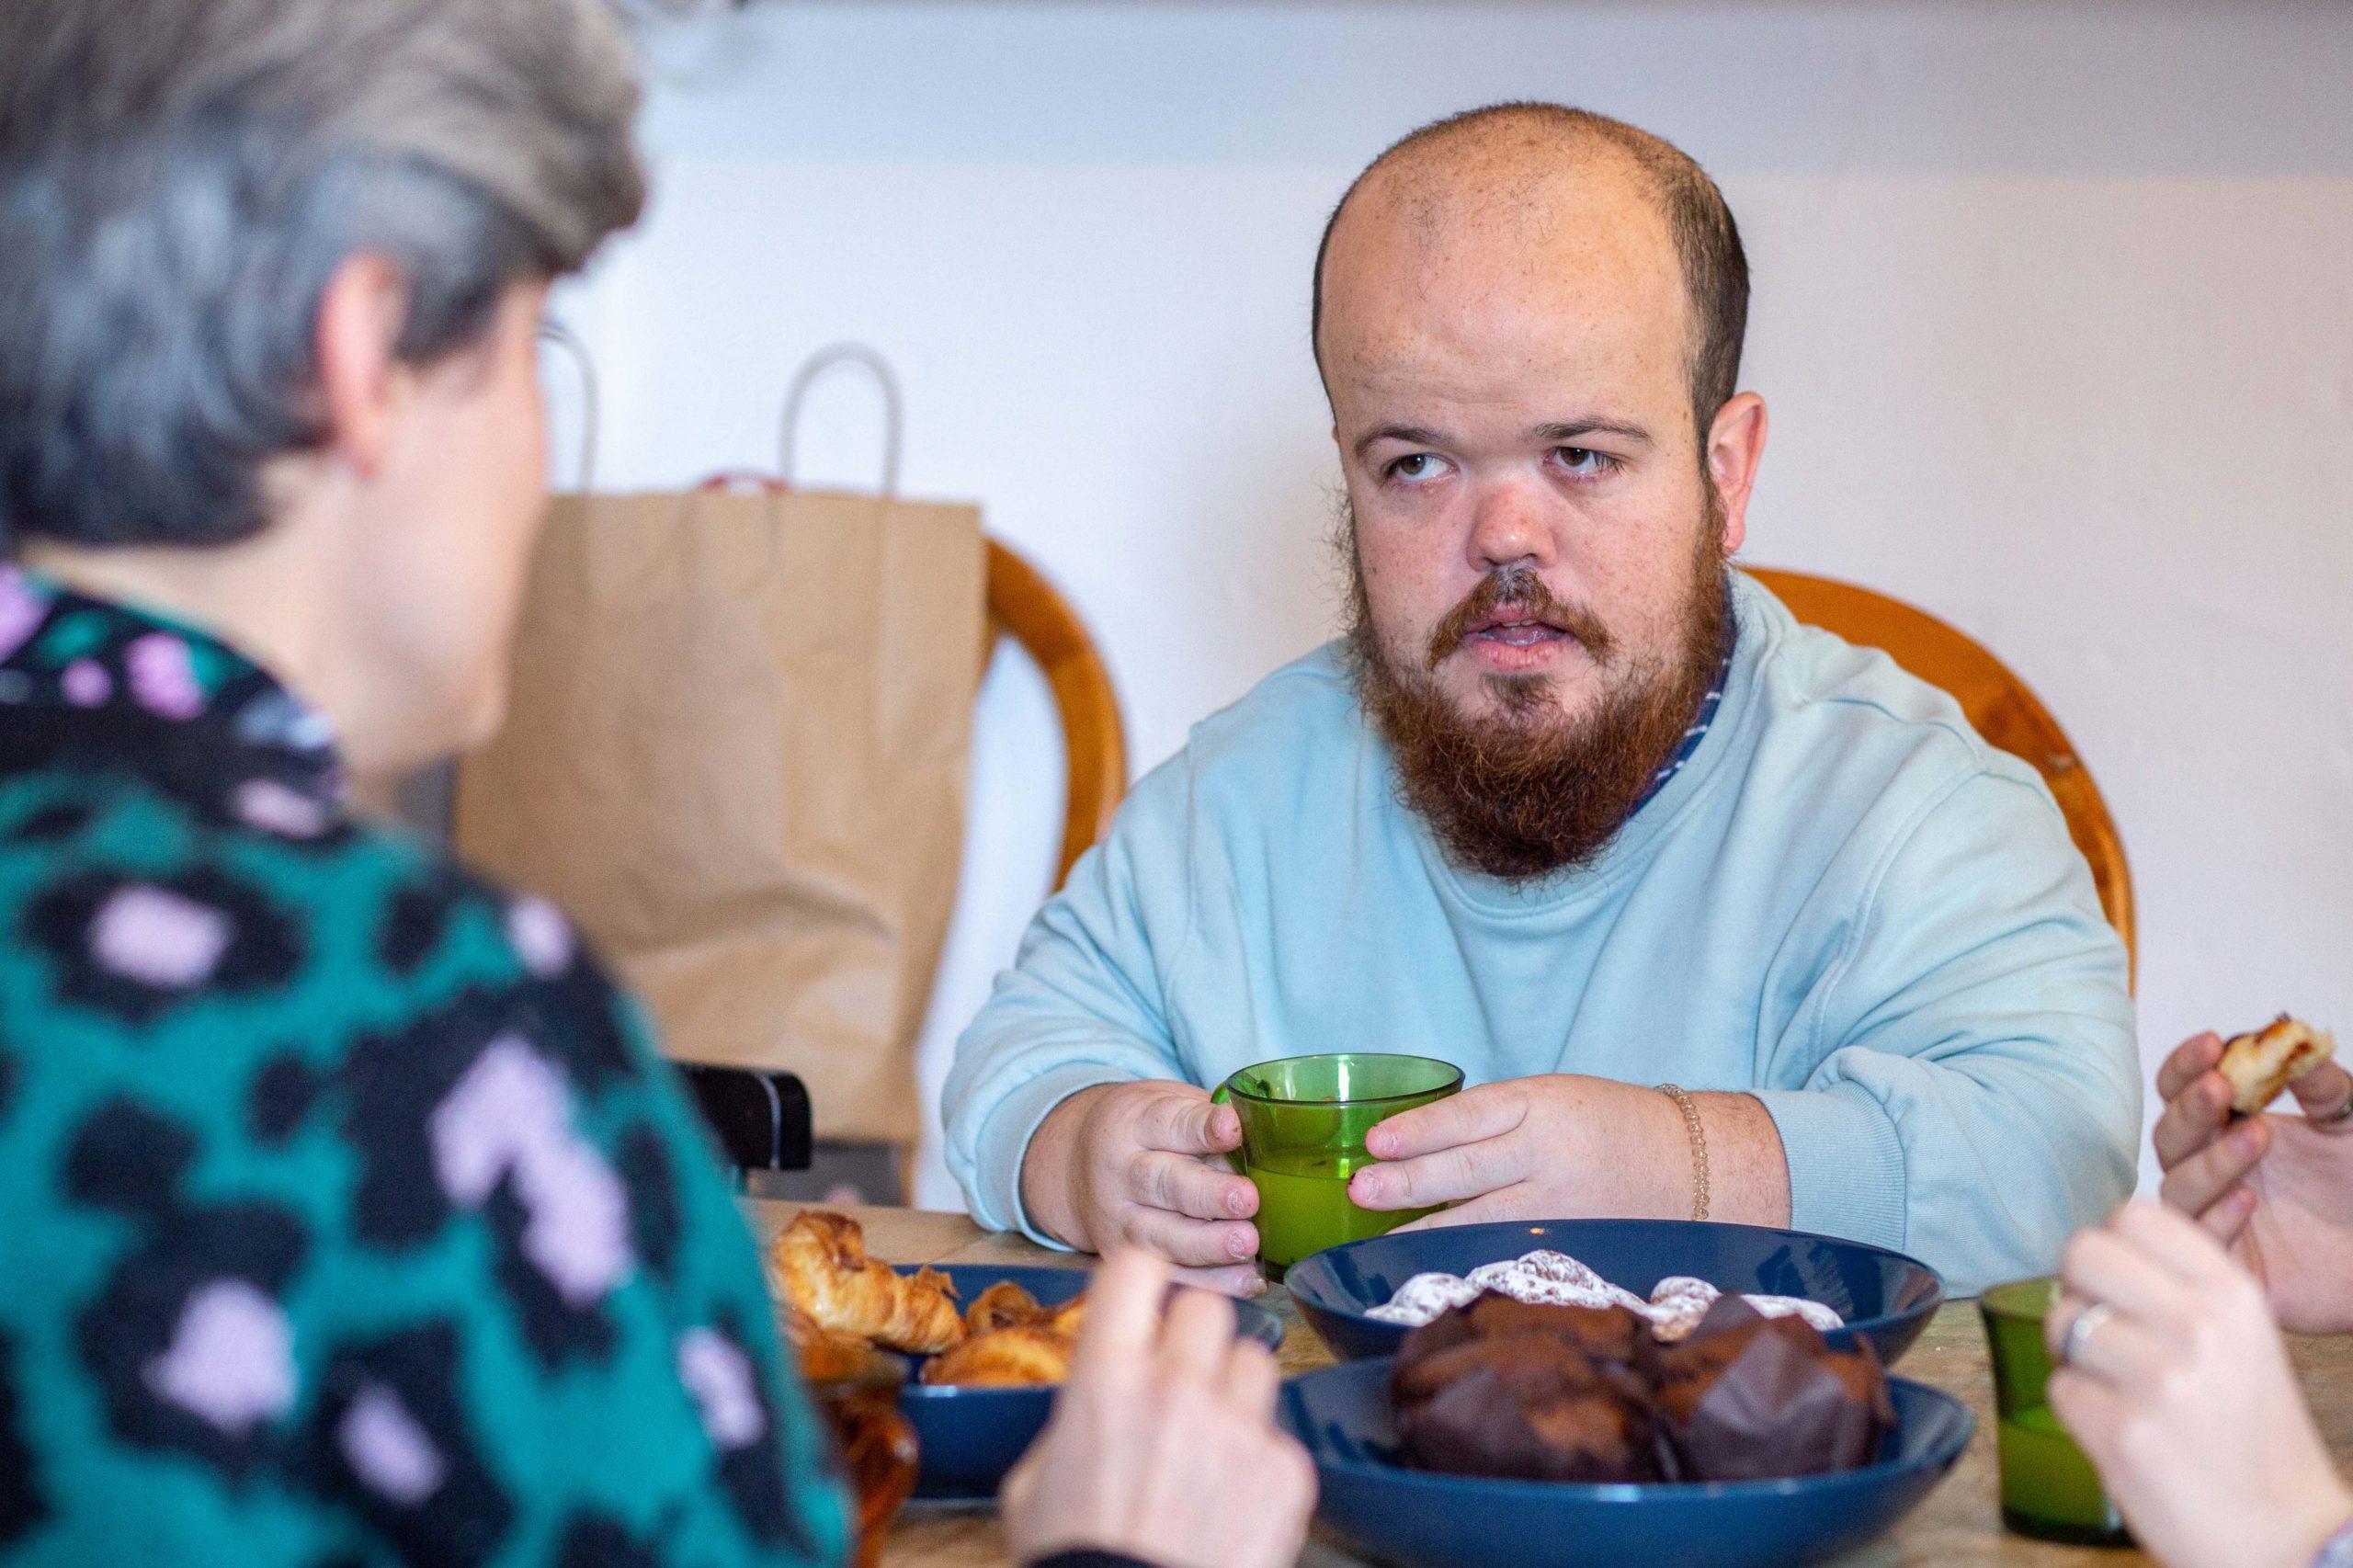 Noi esmorzant amb companyes de pis